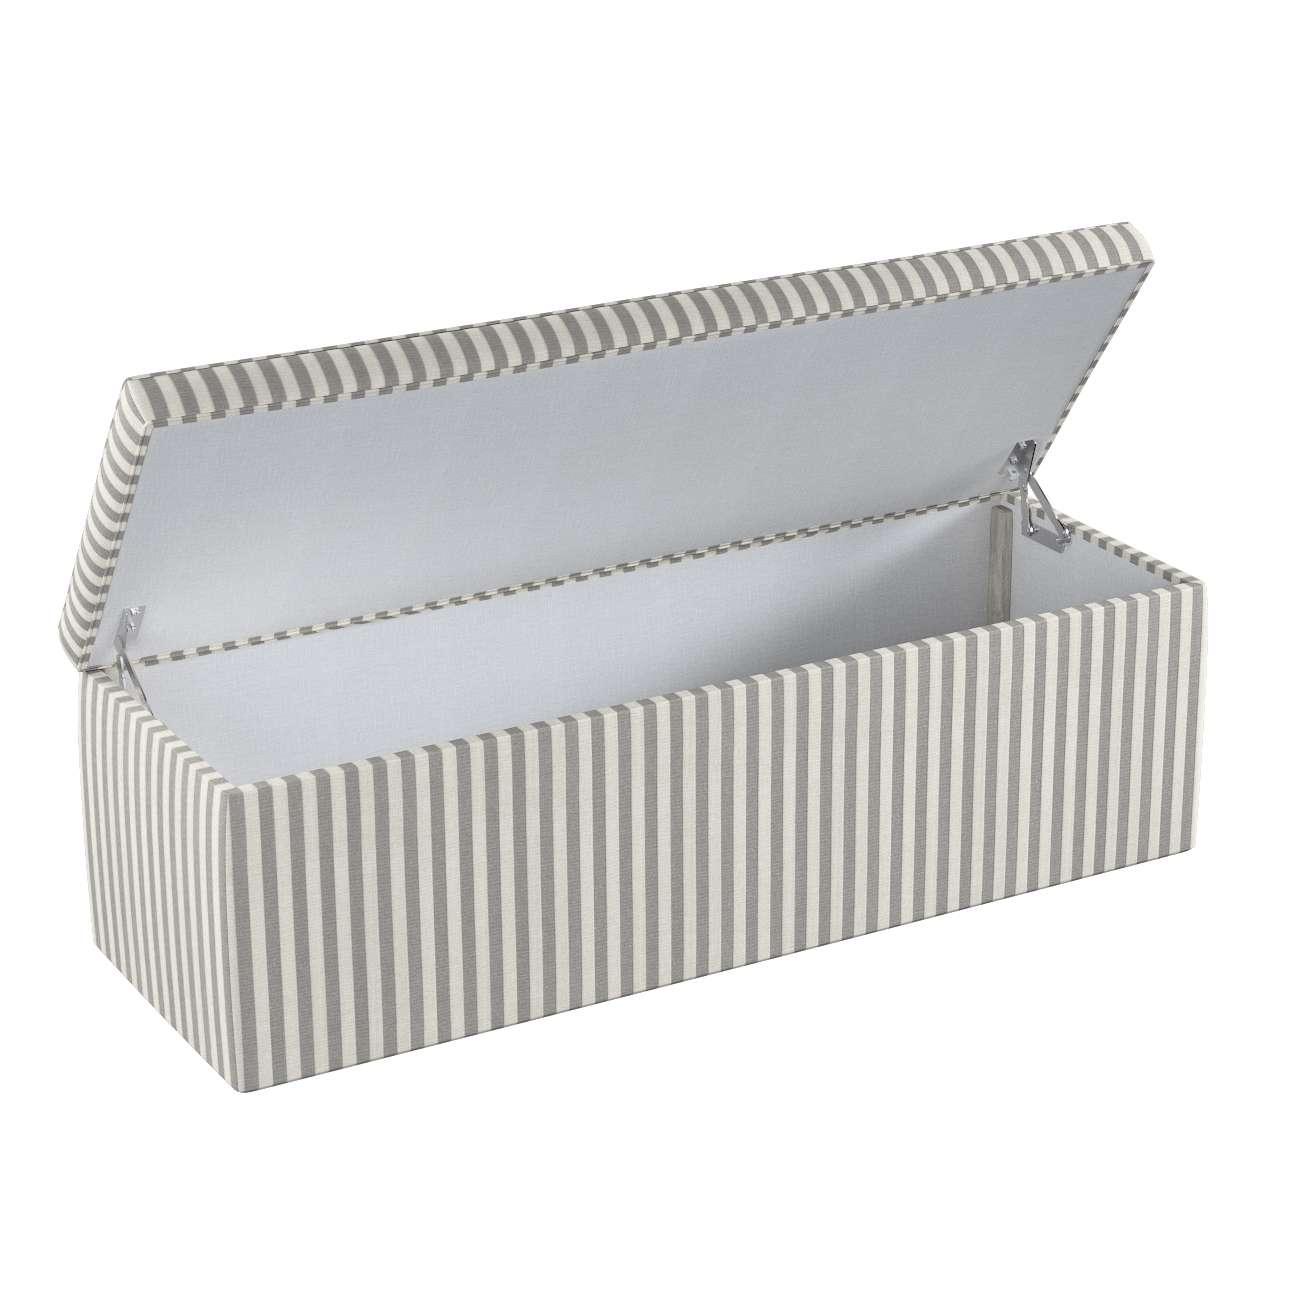 Čalouněná skříň s volbou látky - 2 velikosti v kolekci Quadro, látka: 136-12